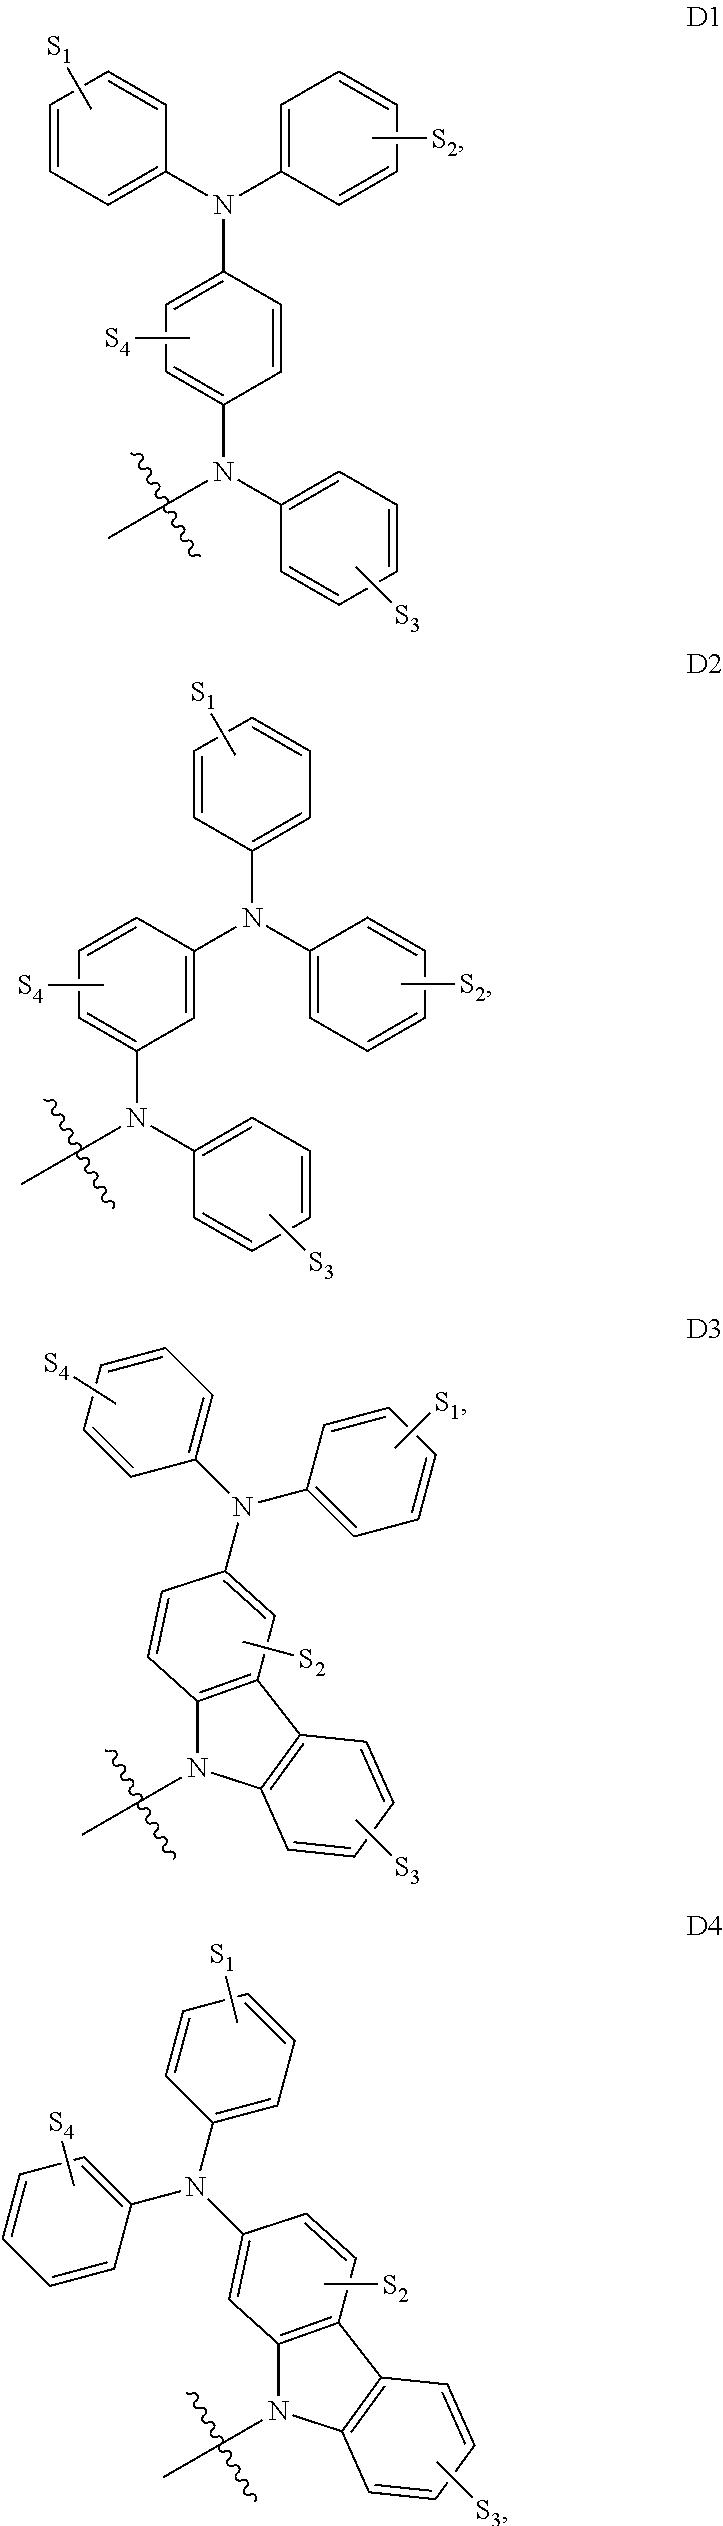 Figure US09537106-20170103-C00566